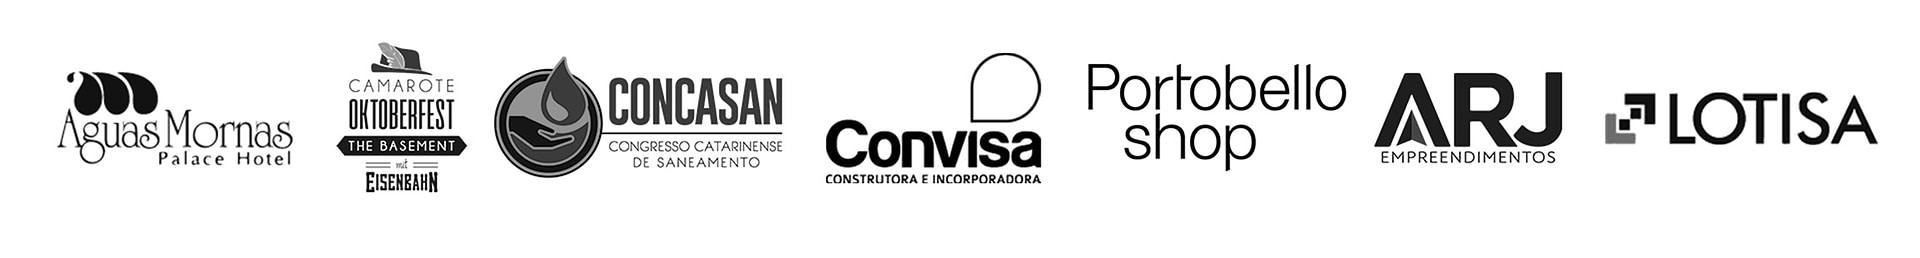 Logo de Clientes da Agencia Digital Rocket